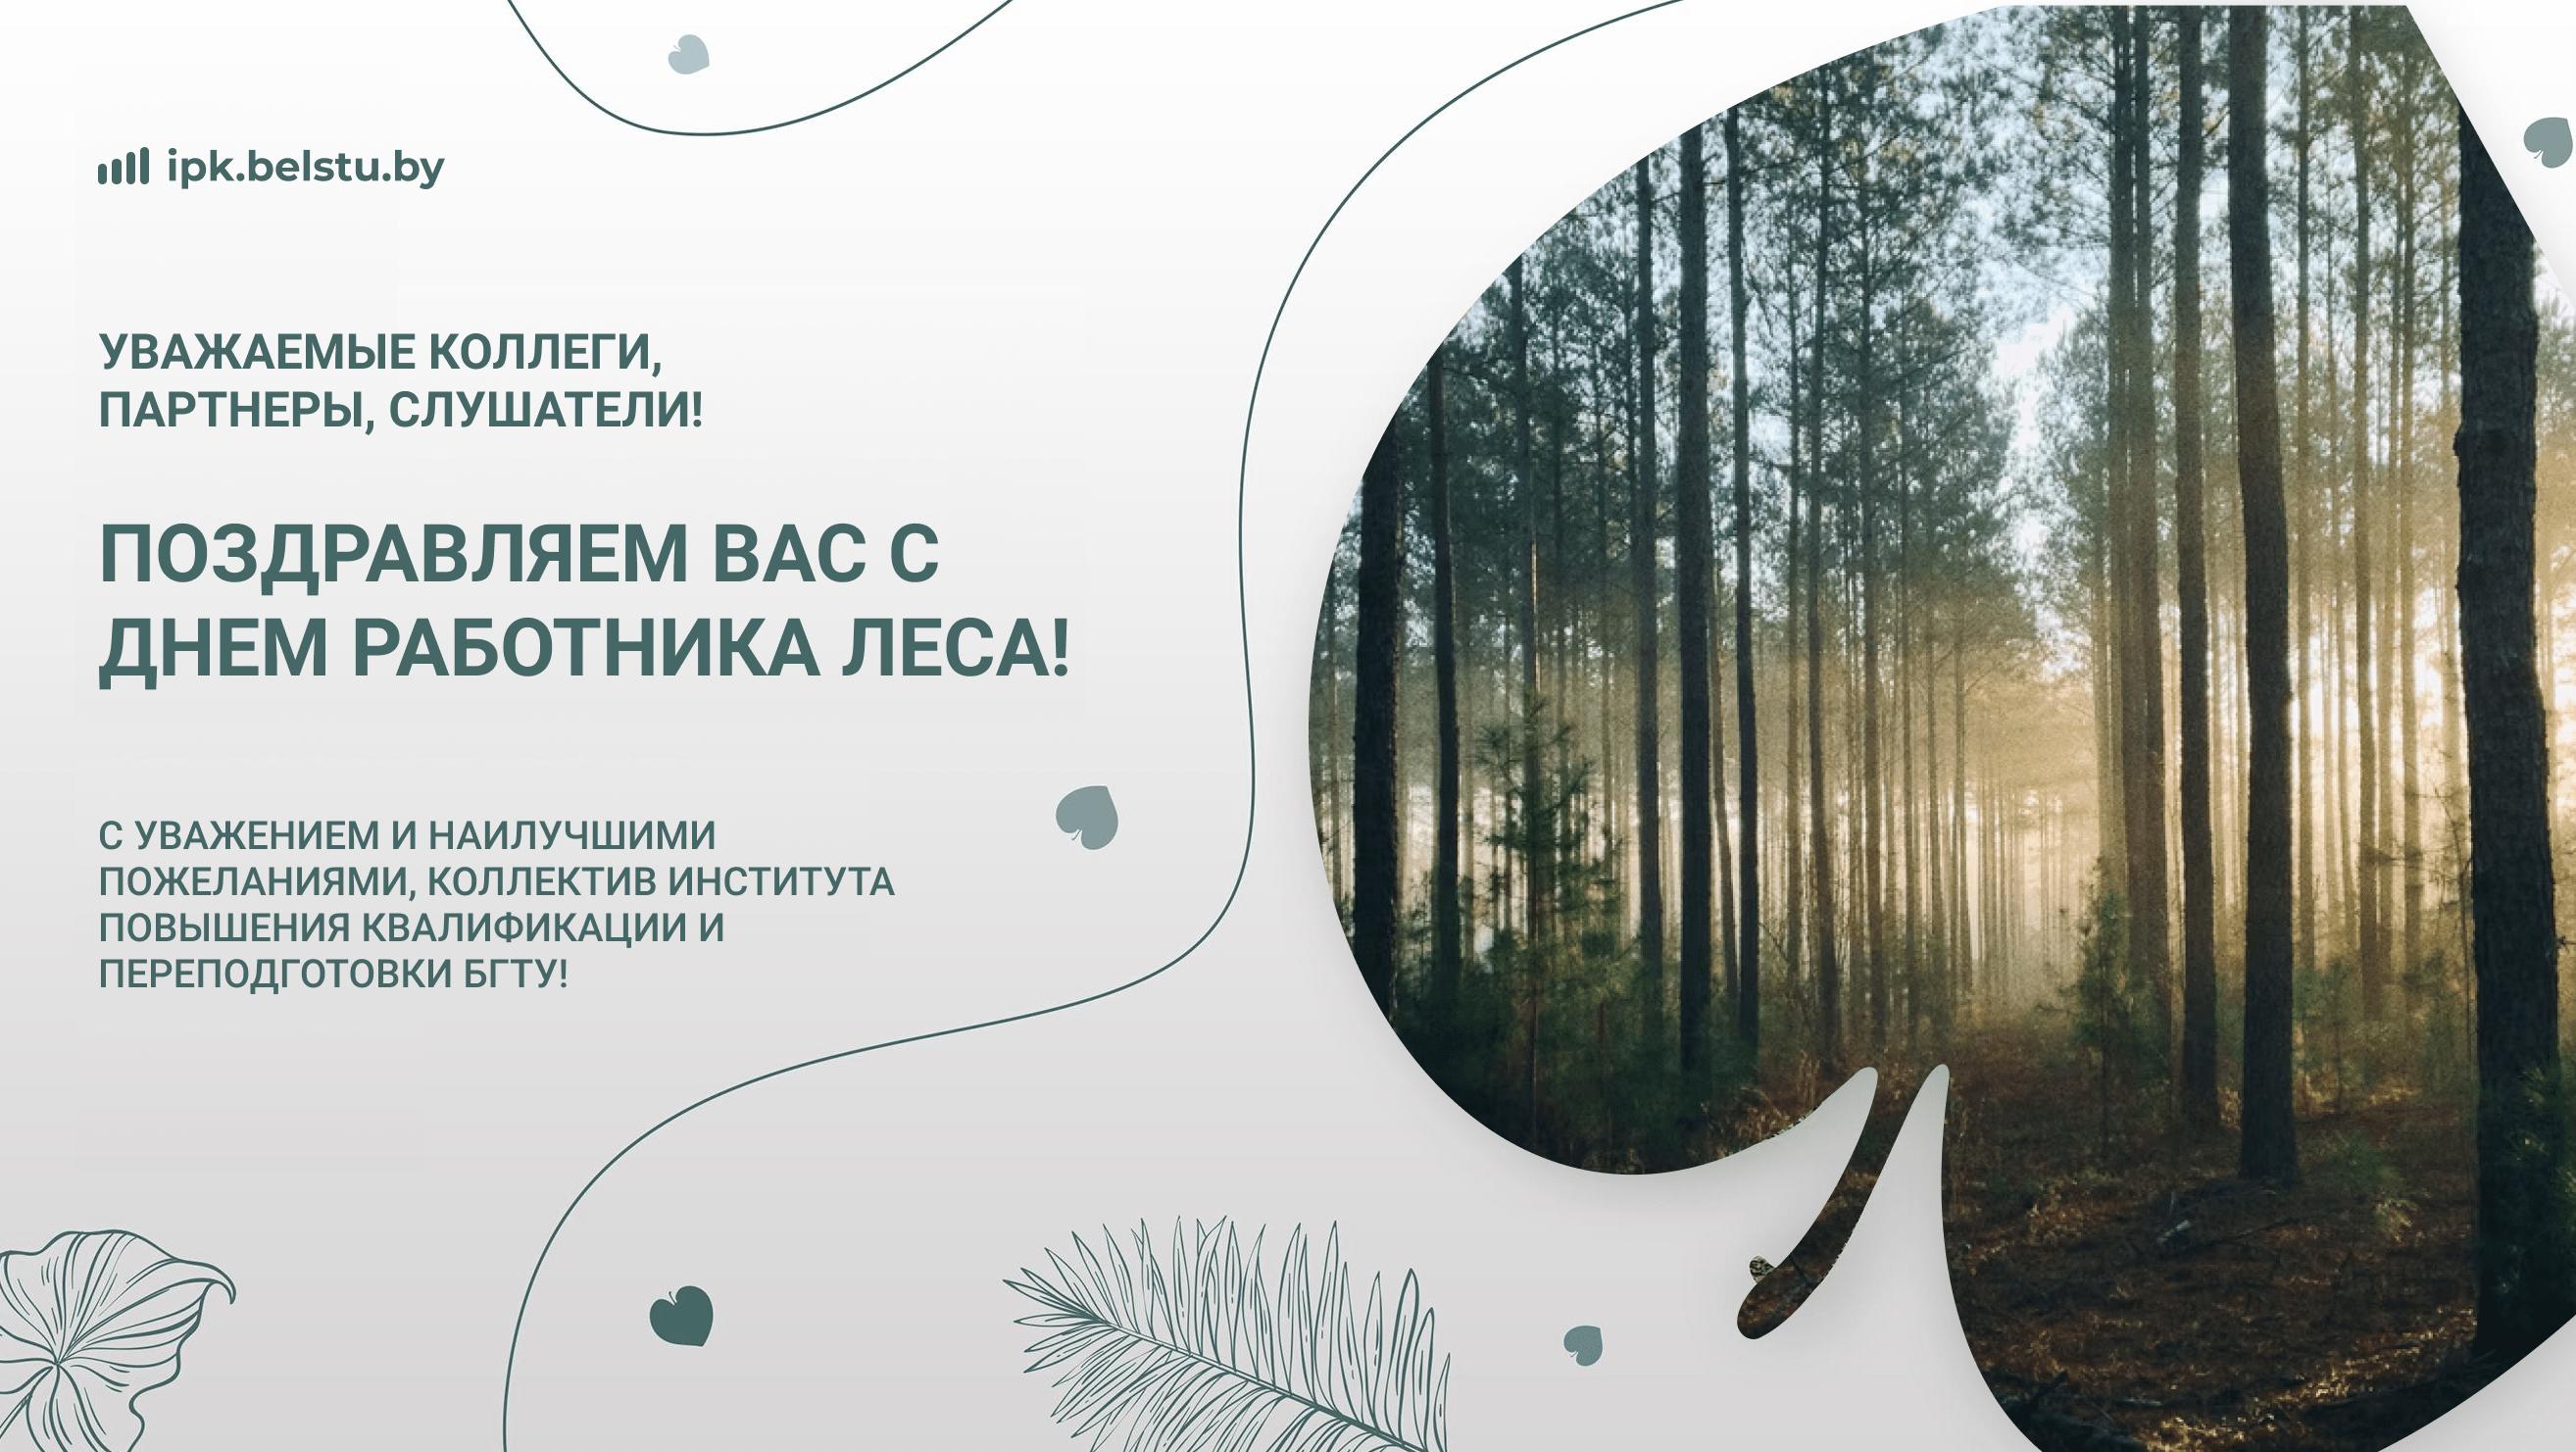 Поздравляем с днем работников леса